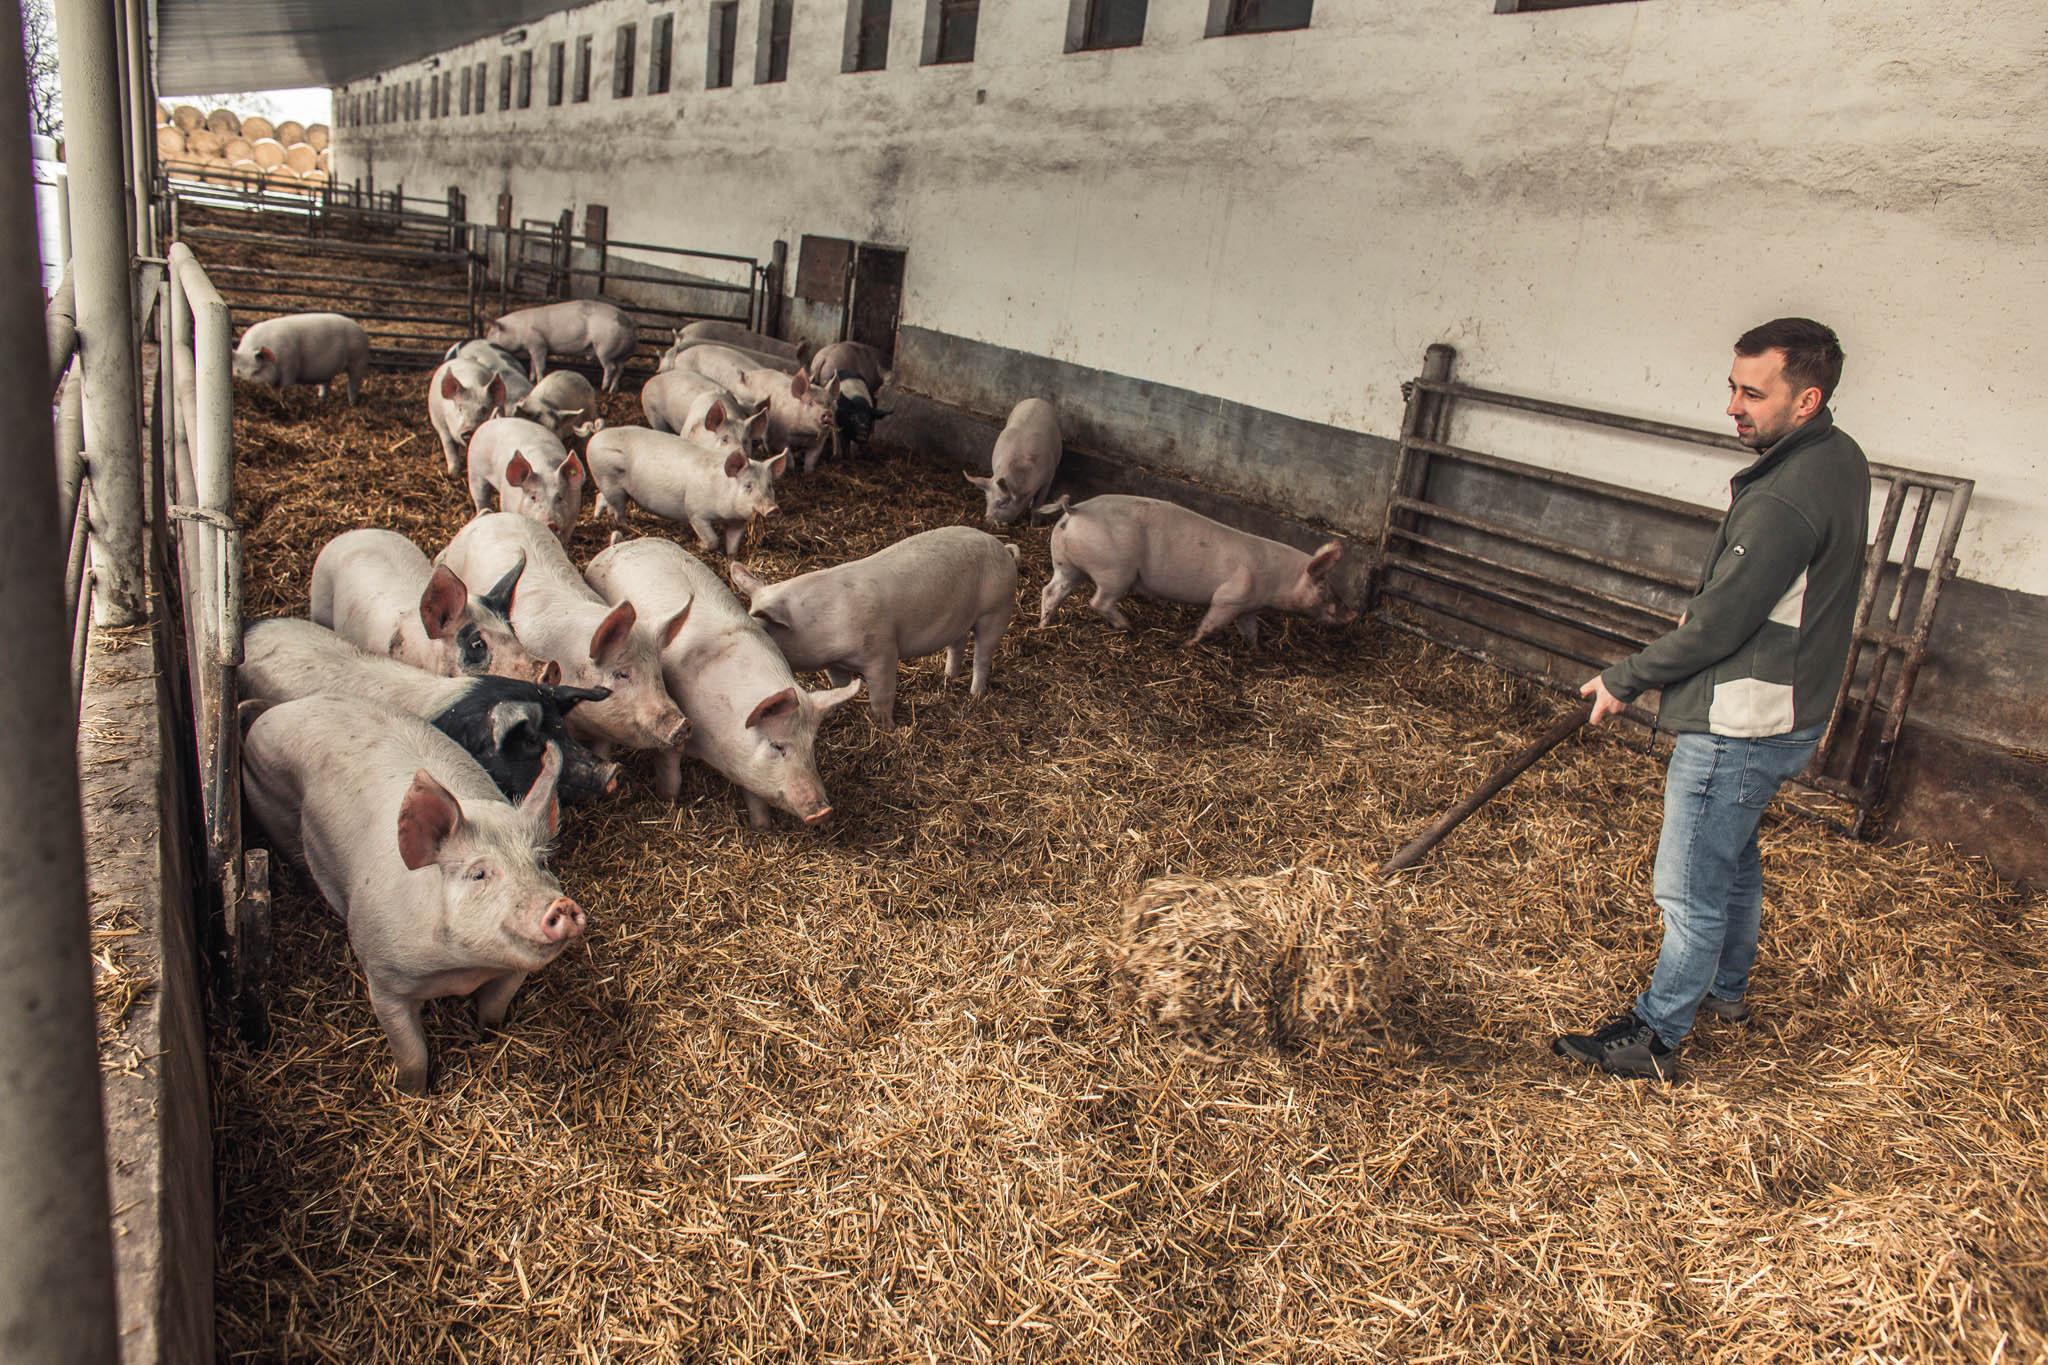 Ovolný pohyb stojí iprasata. Proto se farmáři snaží vyhnout například fixačním klecím pro prasnice poporodu. Zatímco zákon dovoluje čtyři týdny, ekofarmáři využijí maximálně pár dní. (tamtéž)